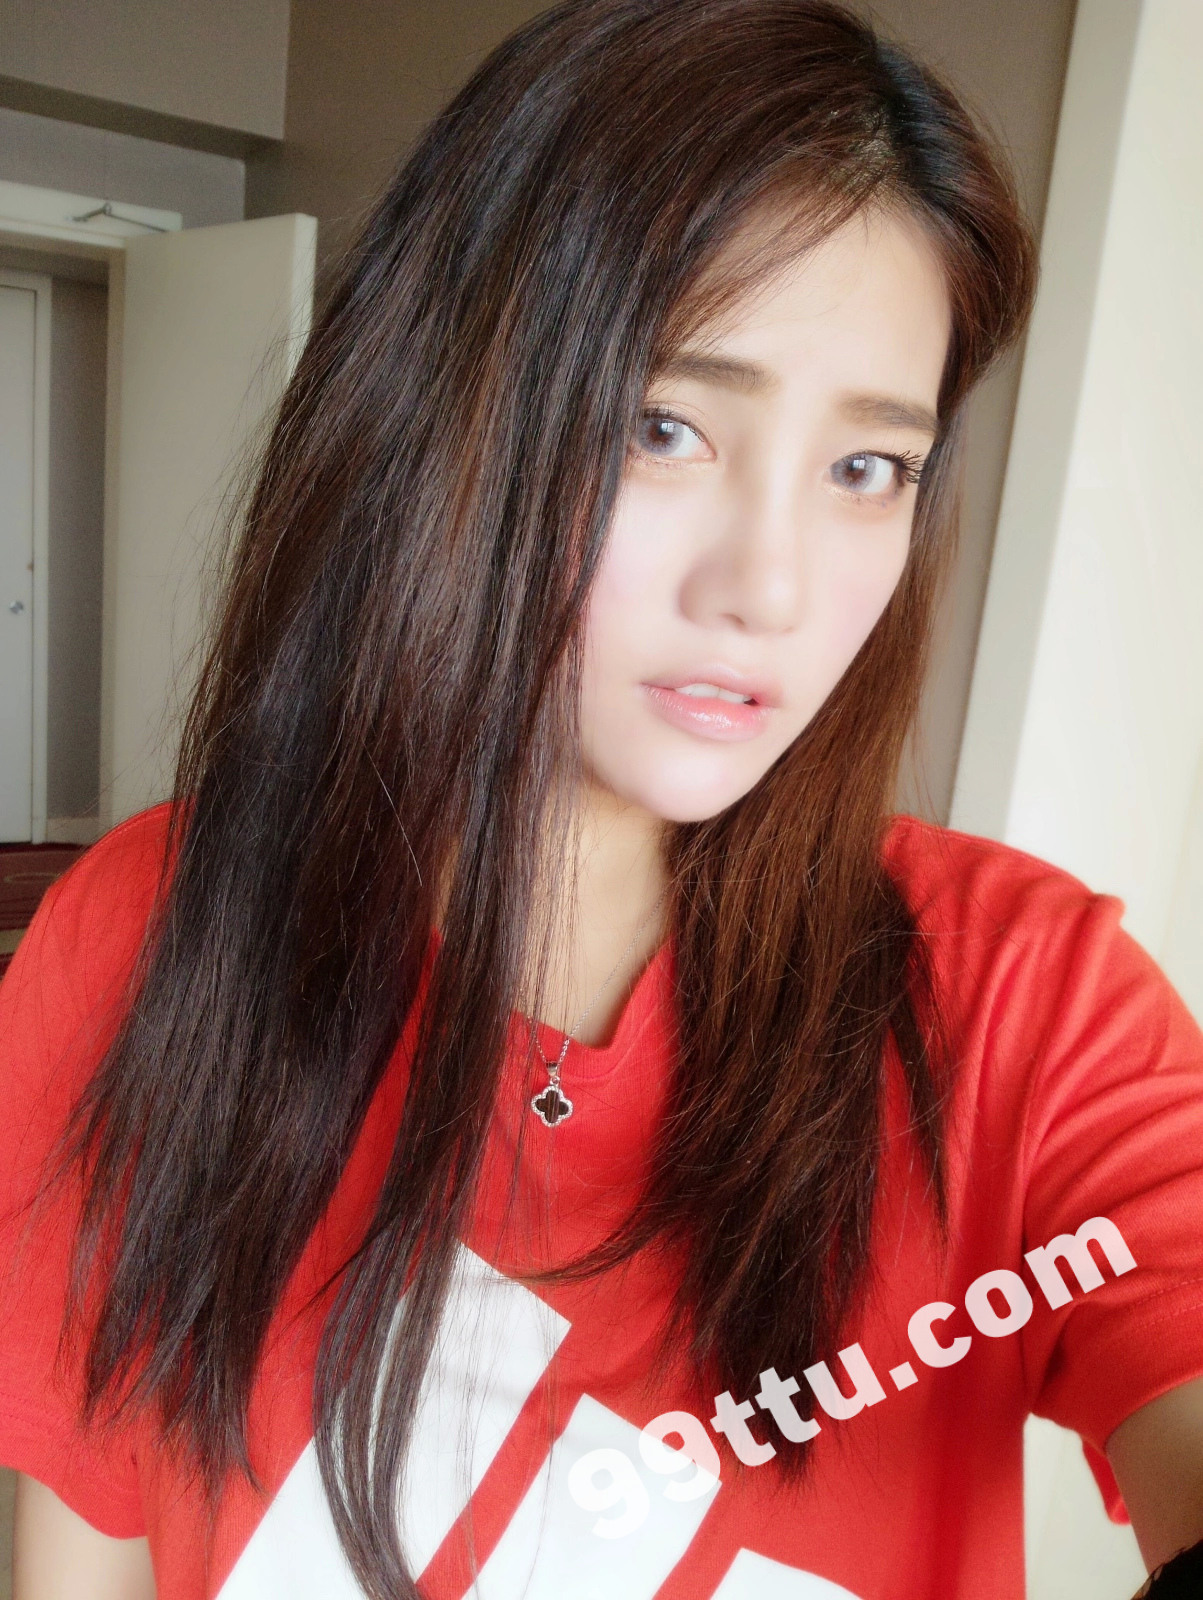 KK90_1390图+6视频 美女靓丽青春素材生活照-14